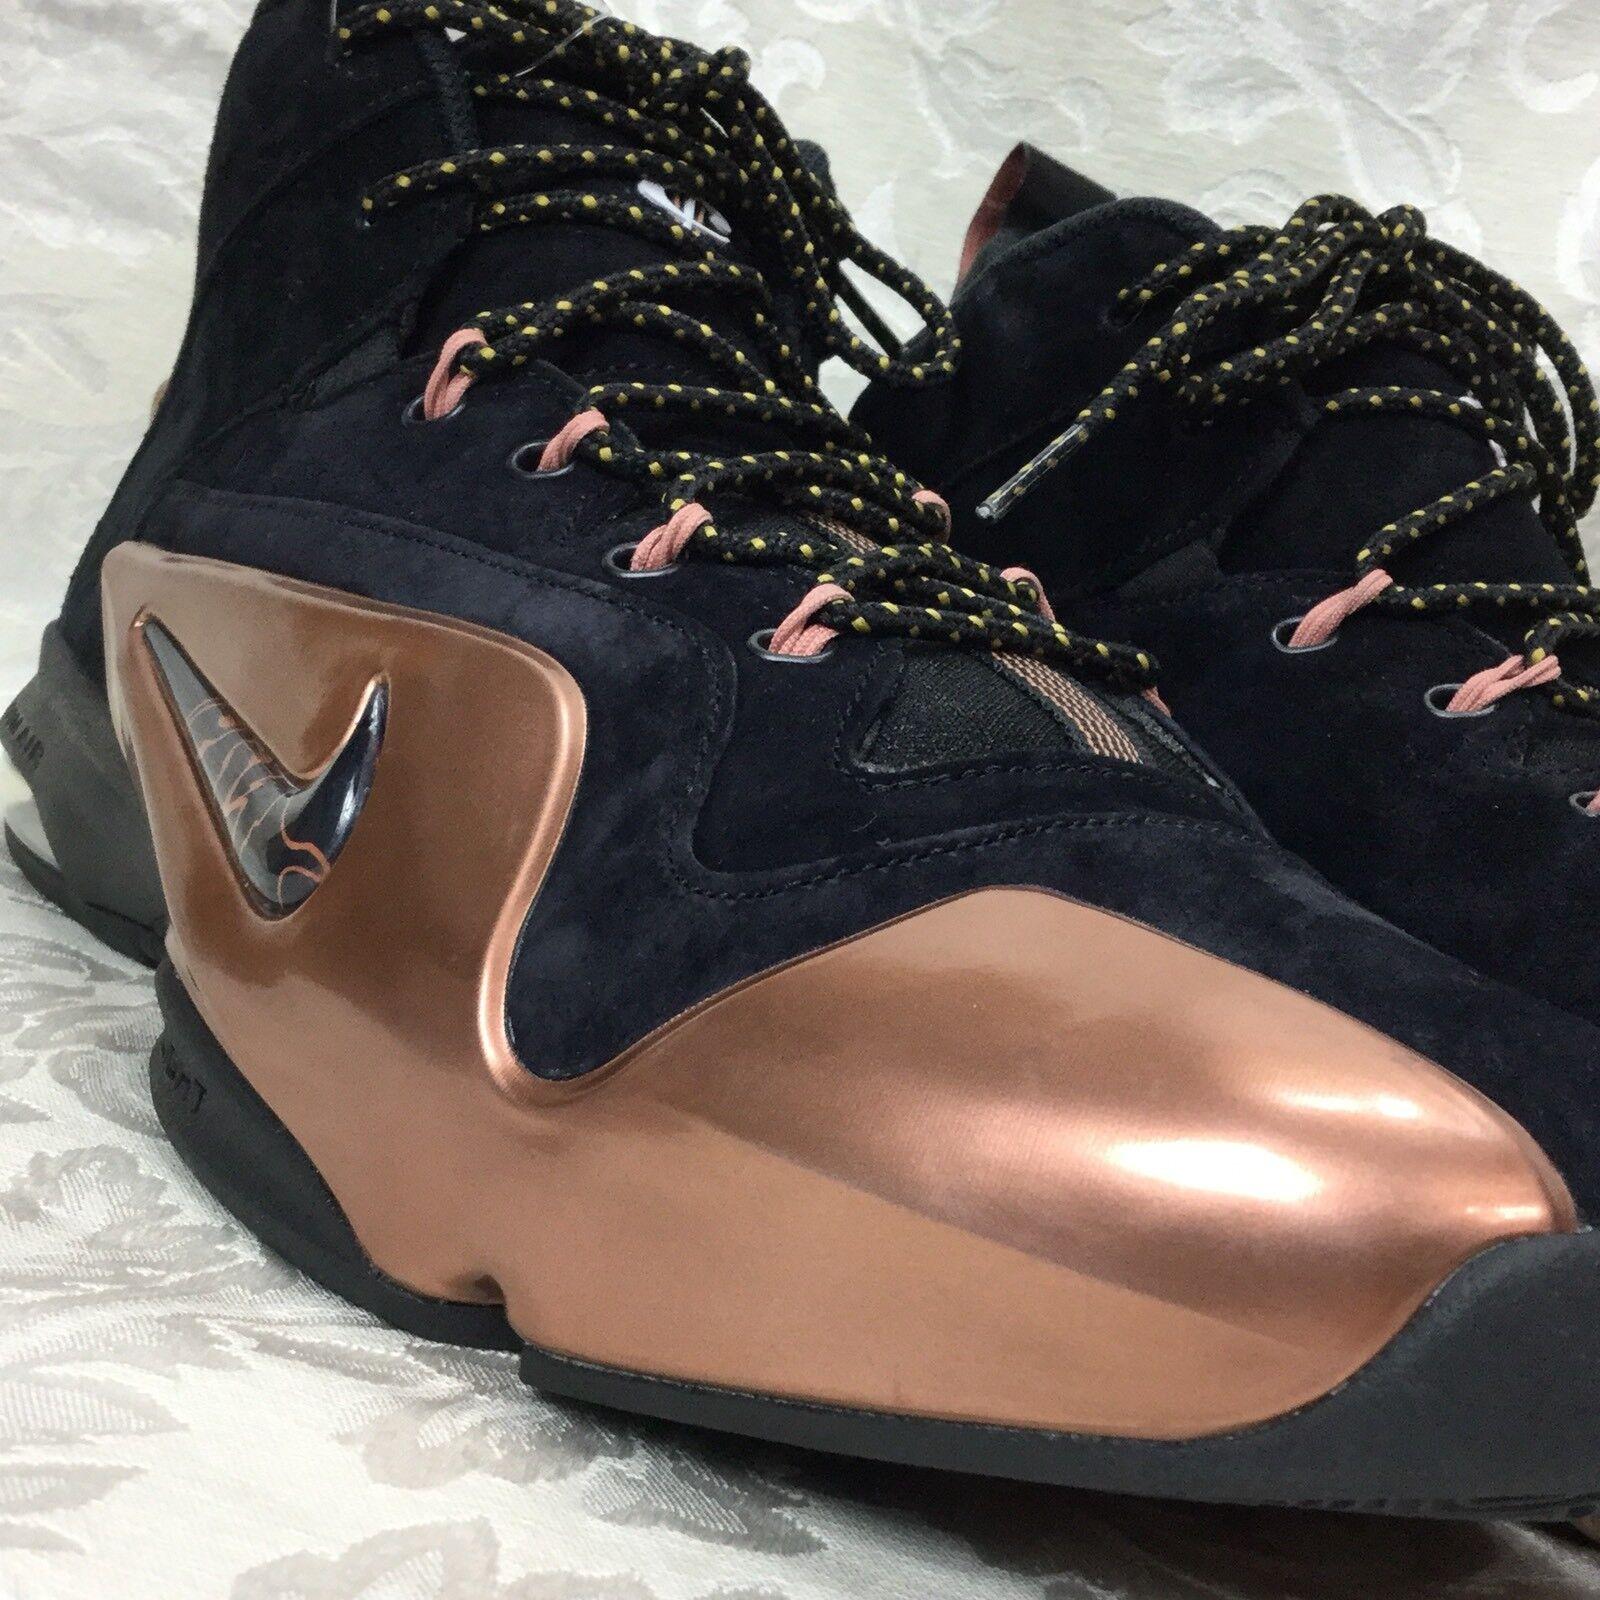 Nike Zoom Air Penny vi 6 Premium PMR negro metálico Hombre de cobre 749629 001 Hombre metálico 11 24f4f4